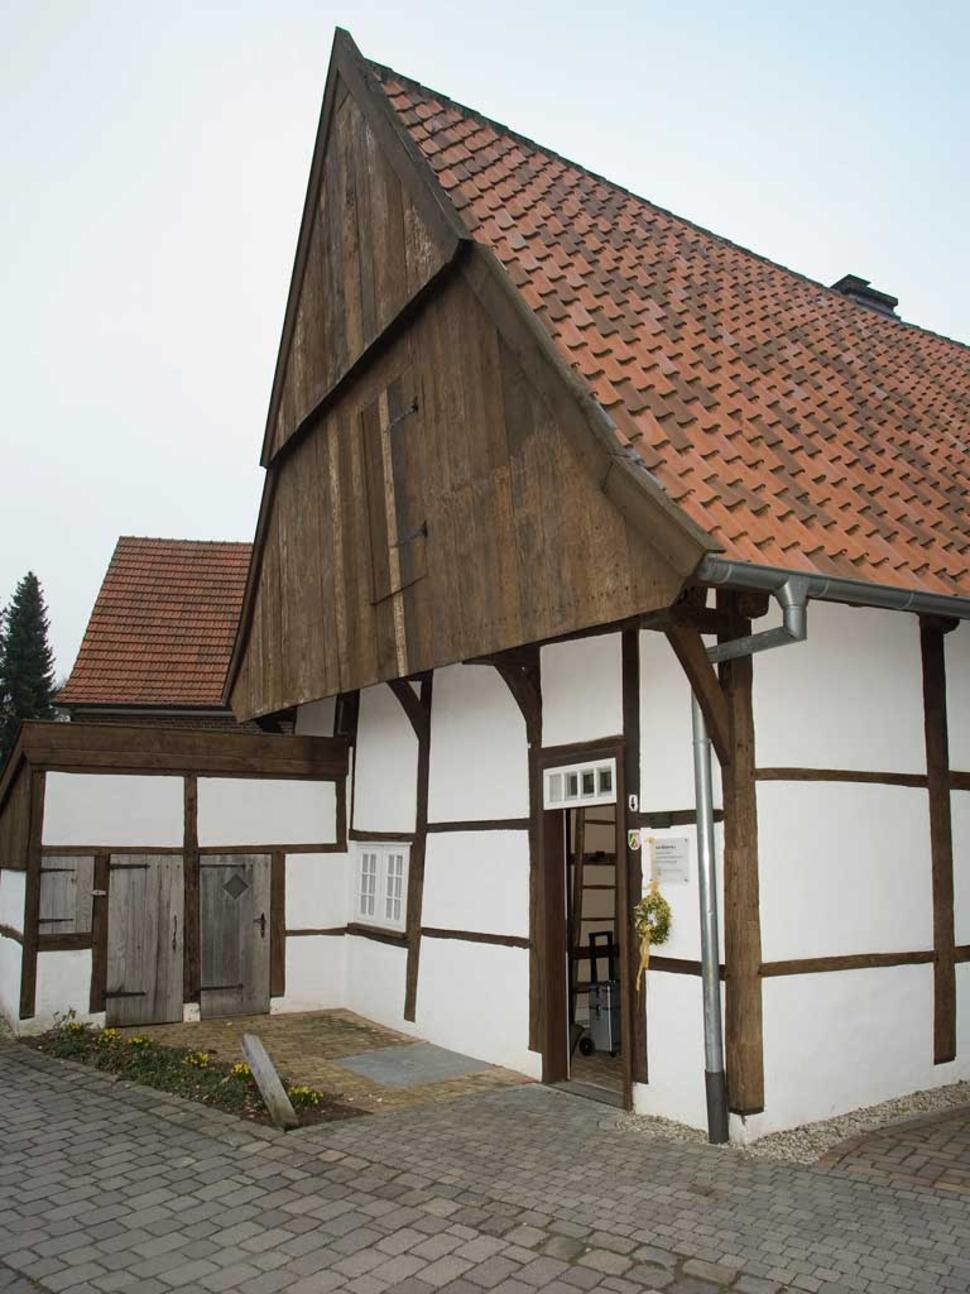 Ackerbürgerhaus, Steinfurt (Foto: Bernd Hegert)